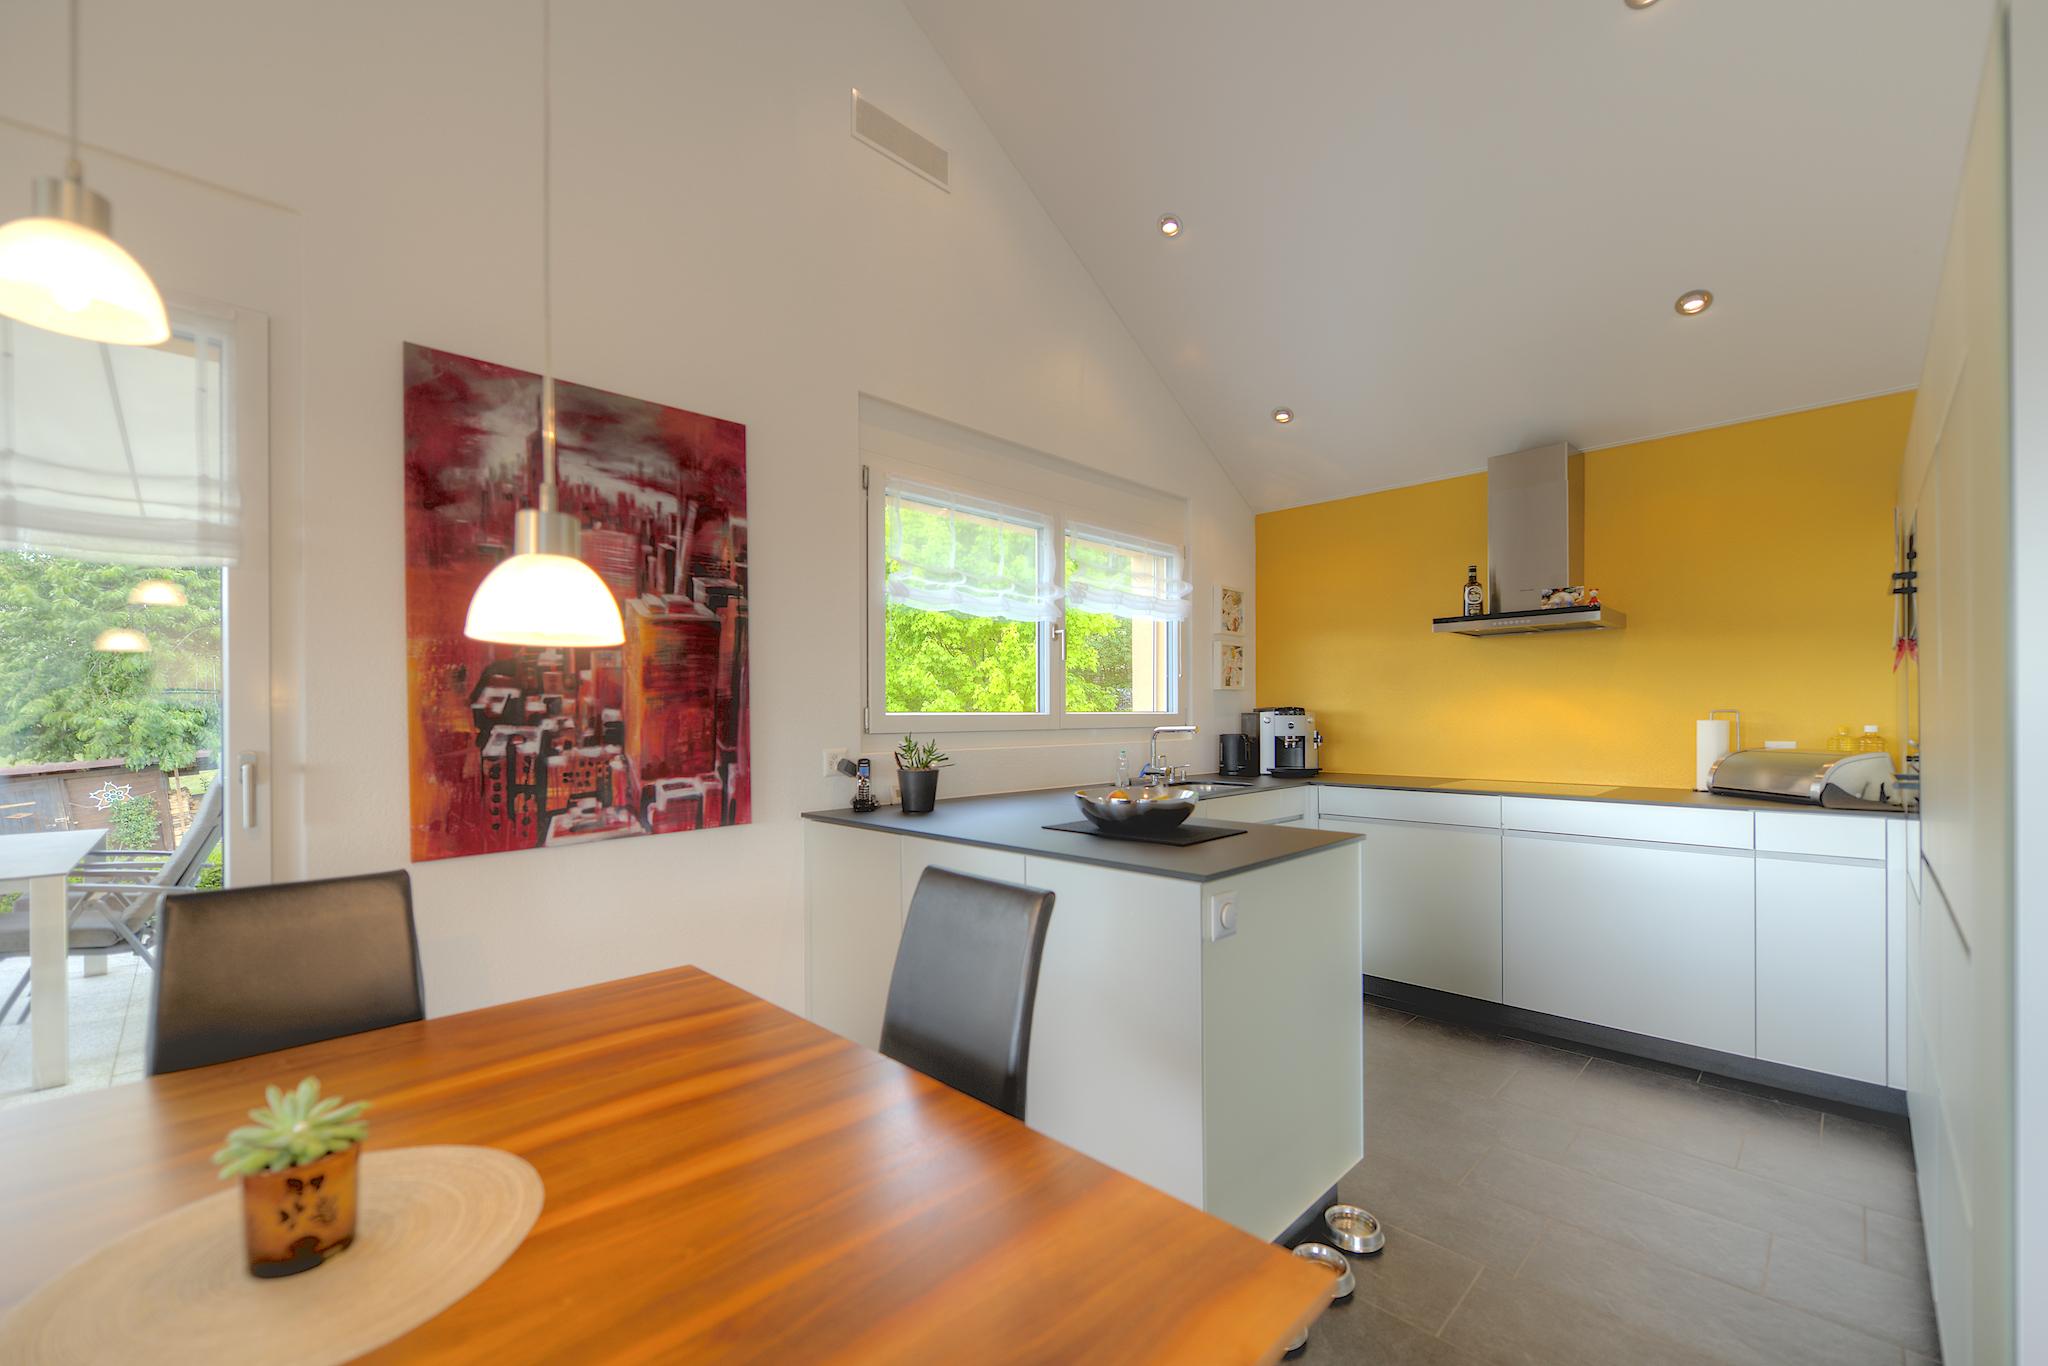 Esstisch mit der modernen Küche